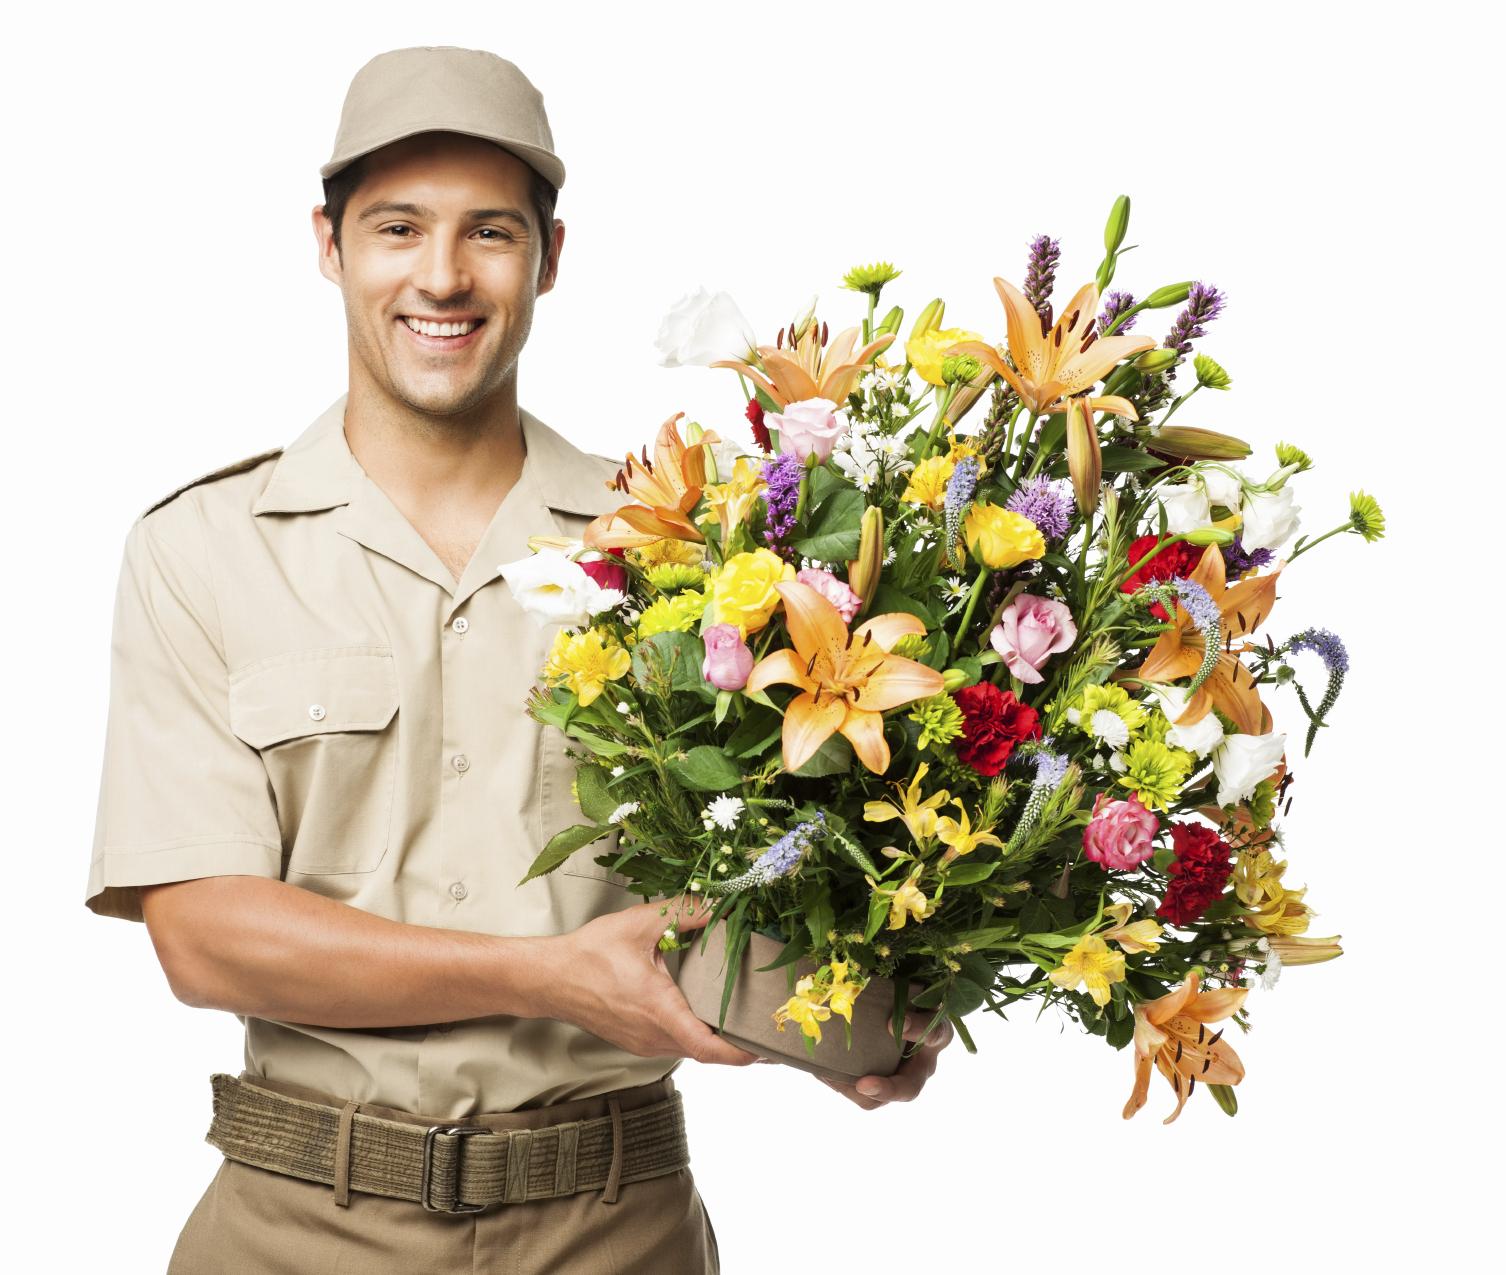 Доставка цветов – счастье в каждый дом - Моя газета | Моя газета